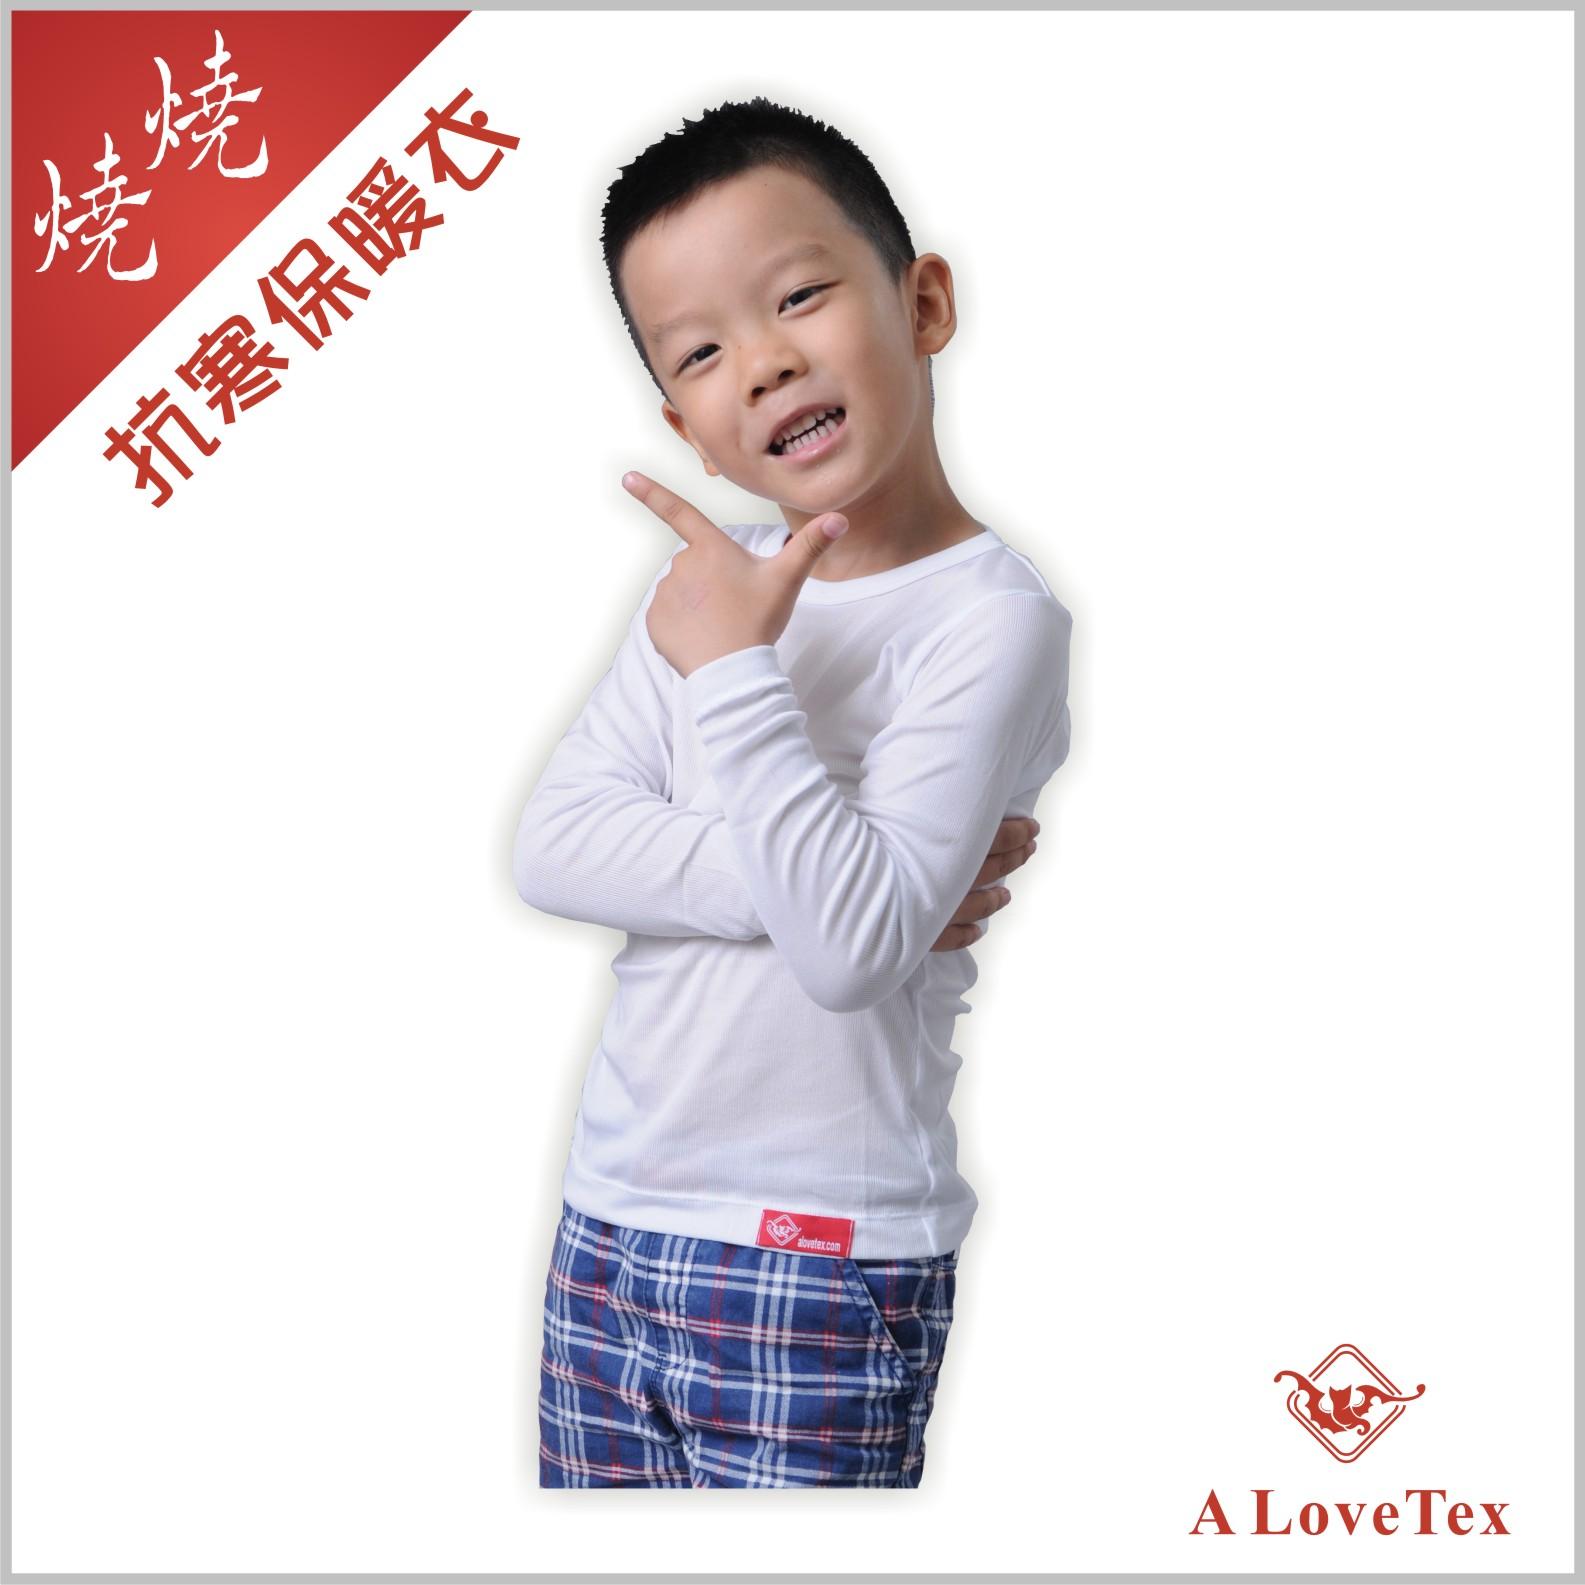 【樂福織品】兒童 – 白色圓領 – 燒燒抗寒保暖衣 – 輕、薄、暖 – 給您的孩子,溫暖零負擔的冬天! 3